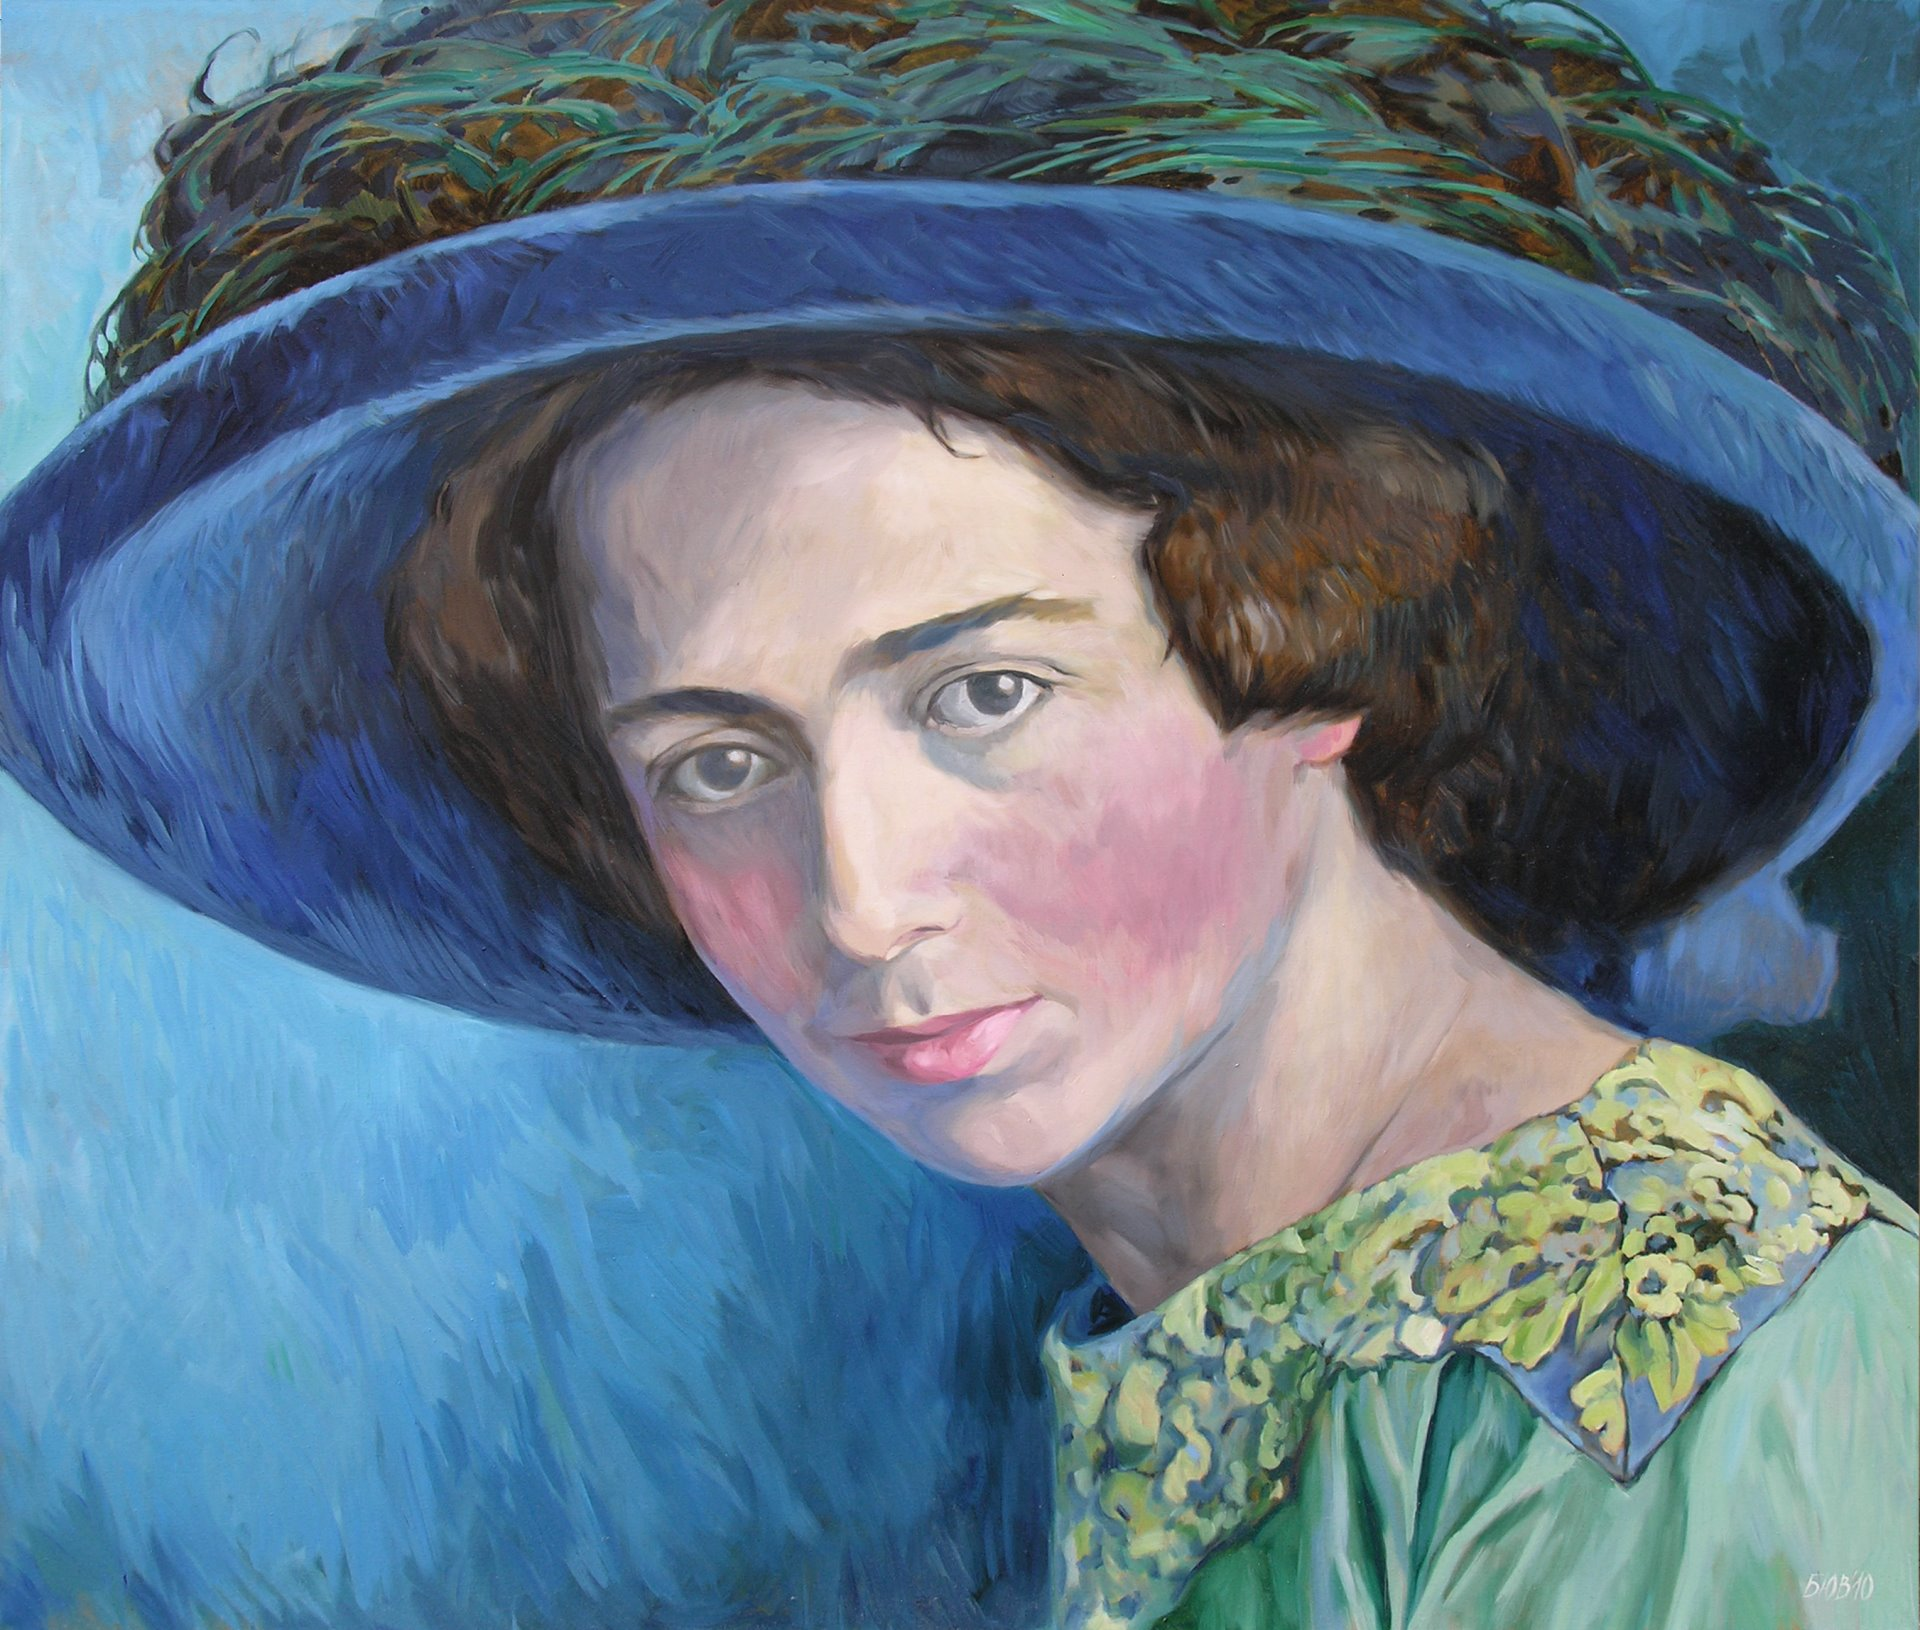 Gemälde von Julia Belot: Käthe Finlay Freundlich, Öl auf Leinwand, 140 cm x 160 cm, 2010